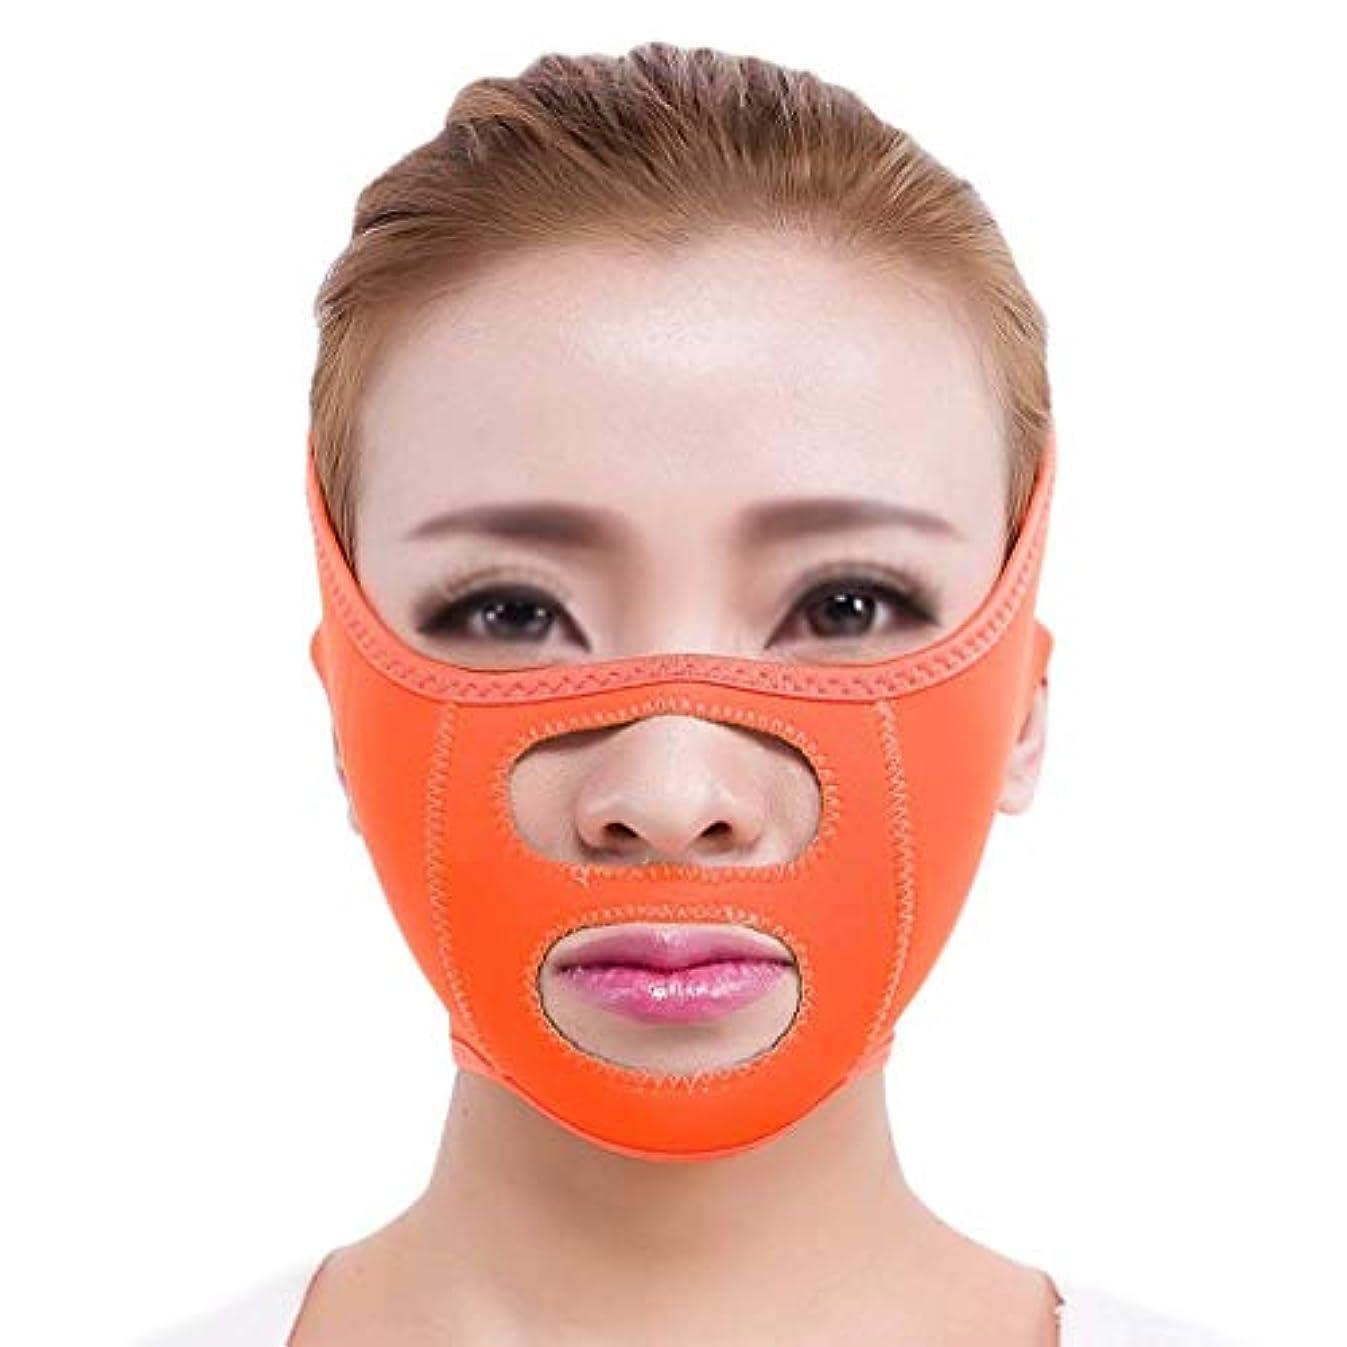 発音シュガー放出チンストラップ、フェイスリフティングマスク、ダブルチン、フェイスリフティングに最適、リフティングフェイシャルスキン、フェイシャル減量マスク、フェイスリフティングベルト(フリーサイズ)(カラー:ブルー),オレンジ